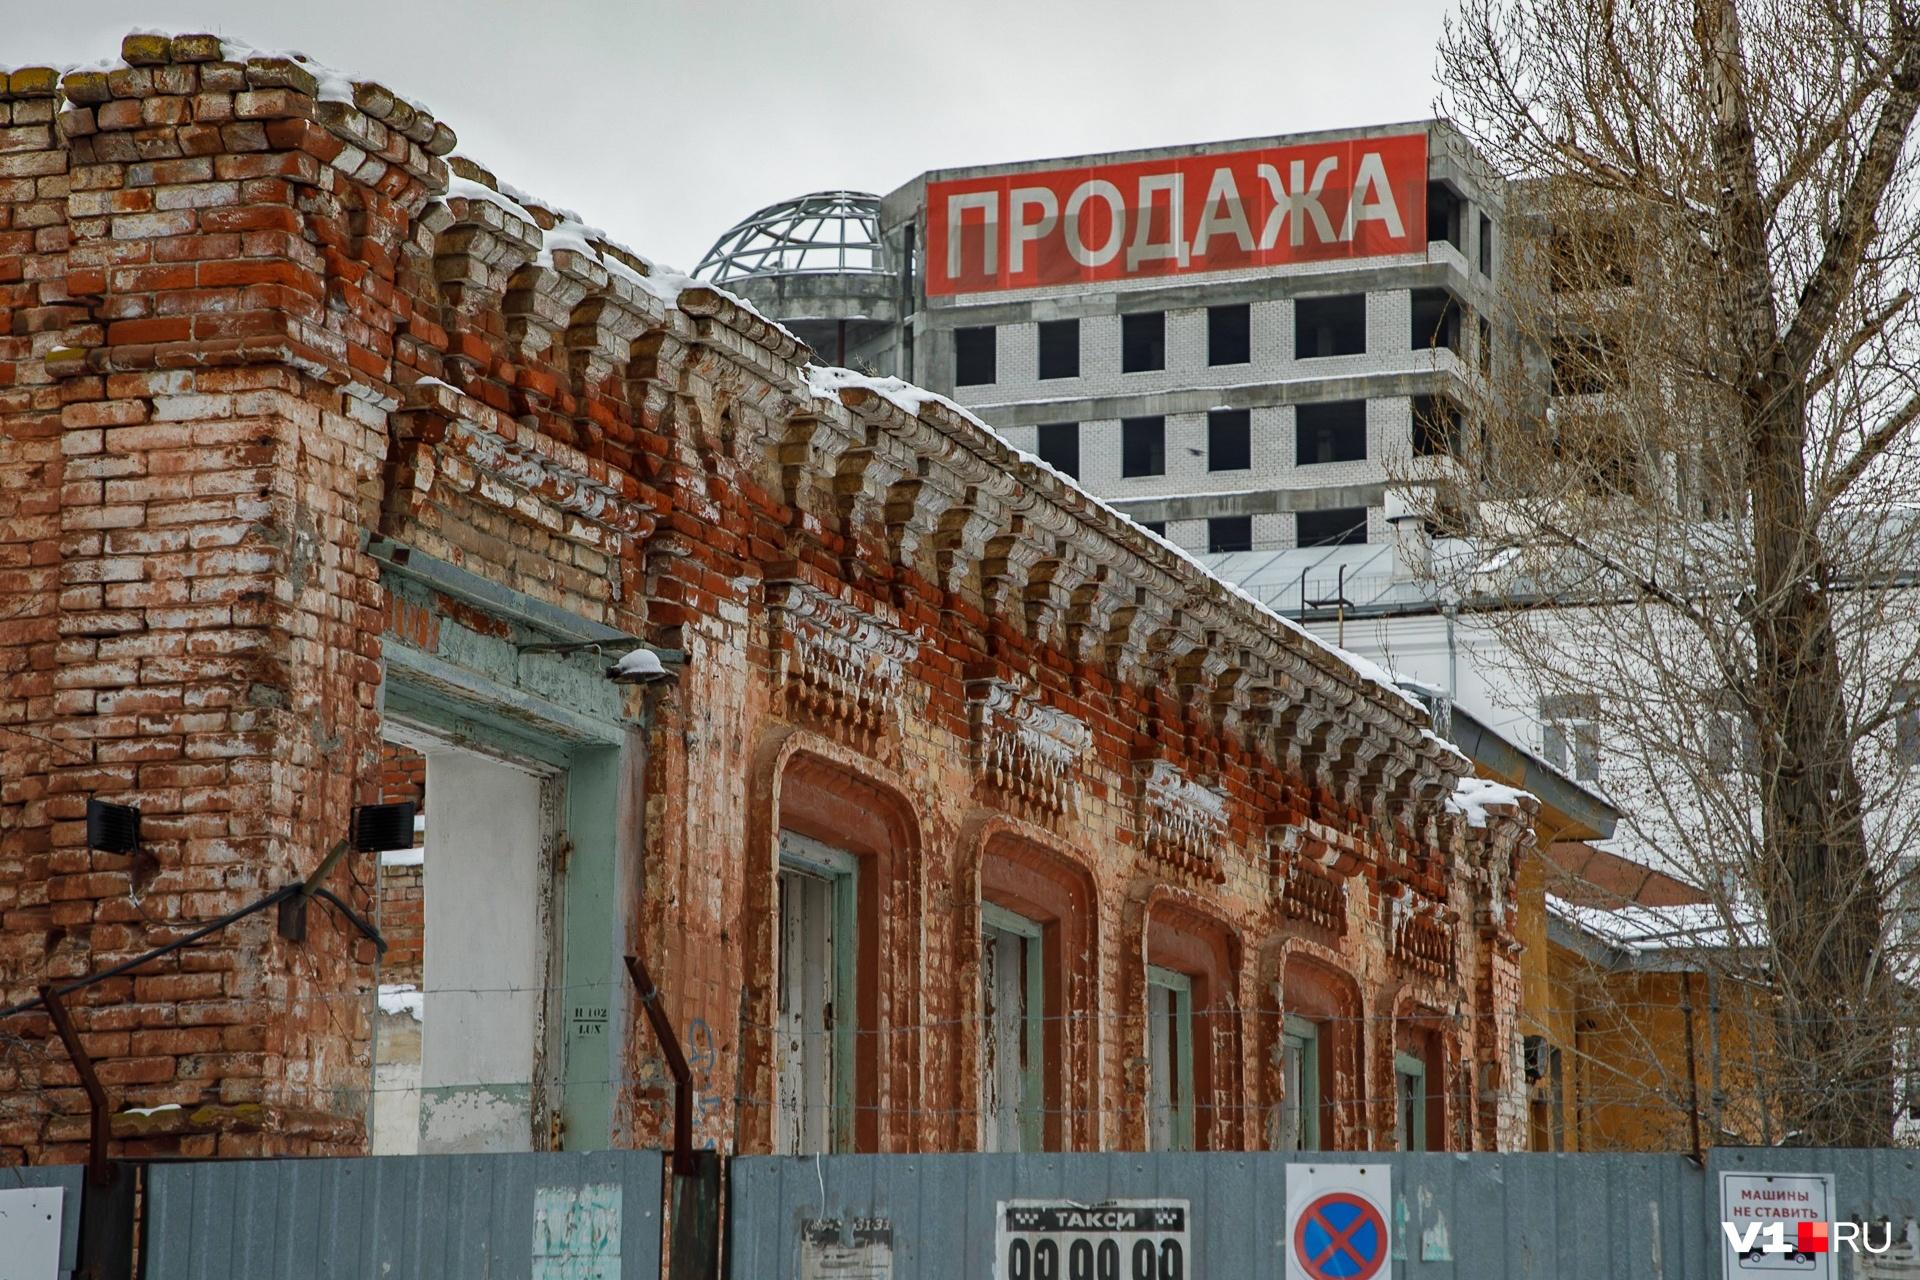 К 2016 году от векового здания на Клинской остались лишь несколько разрушенных стен и оконные проемы